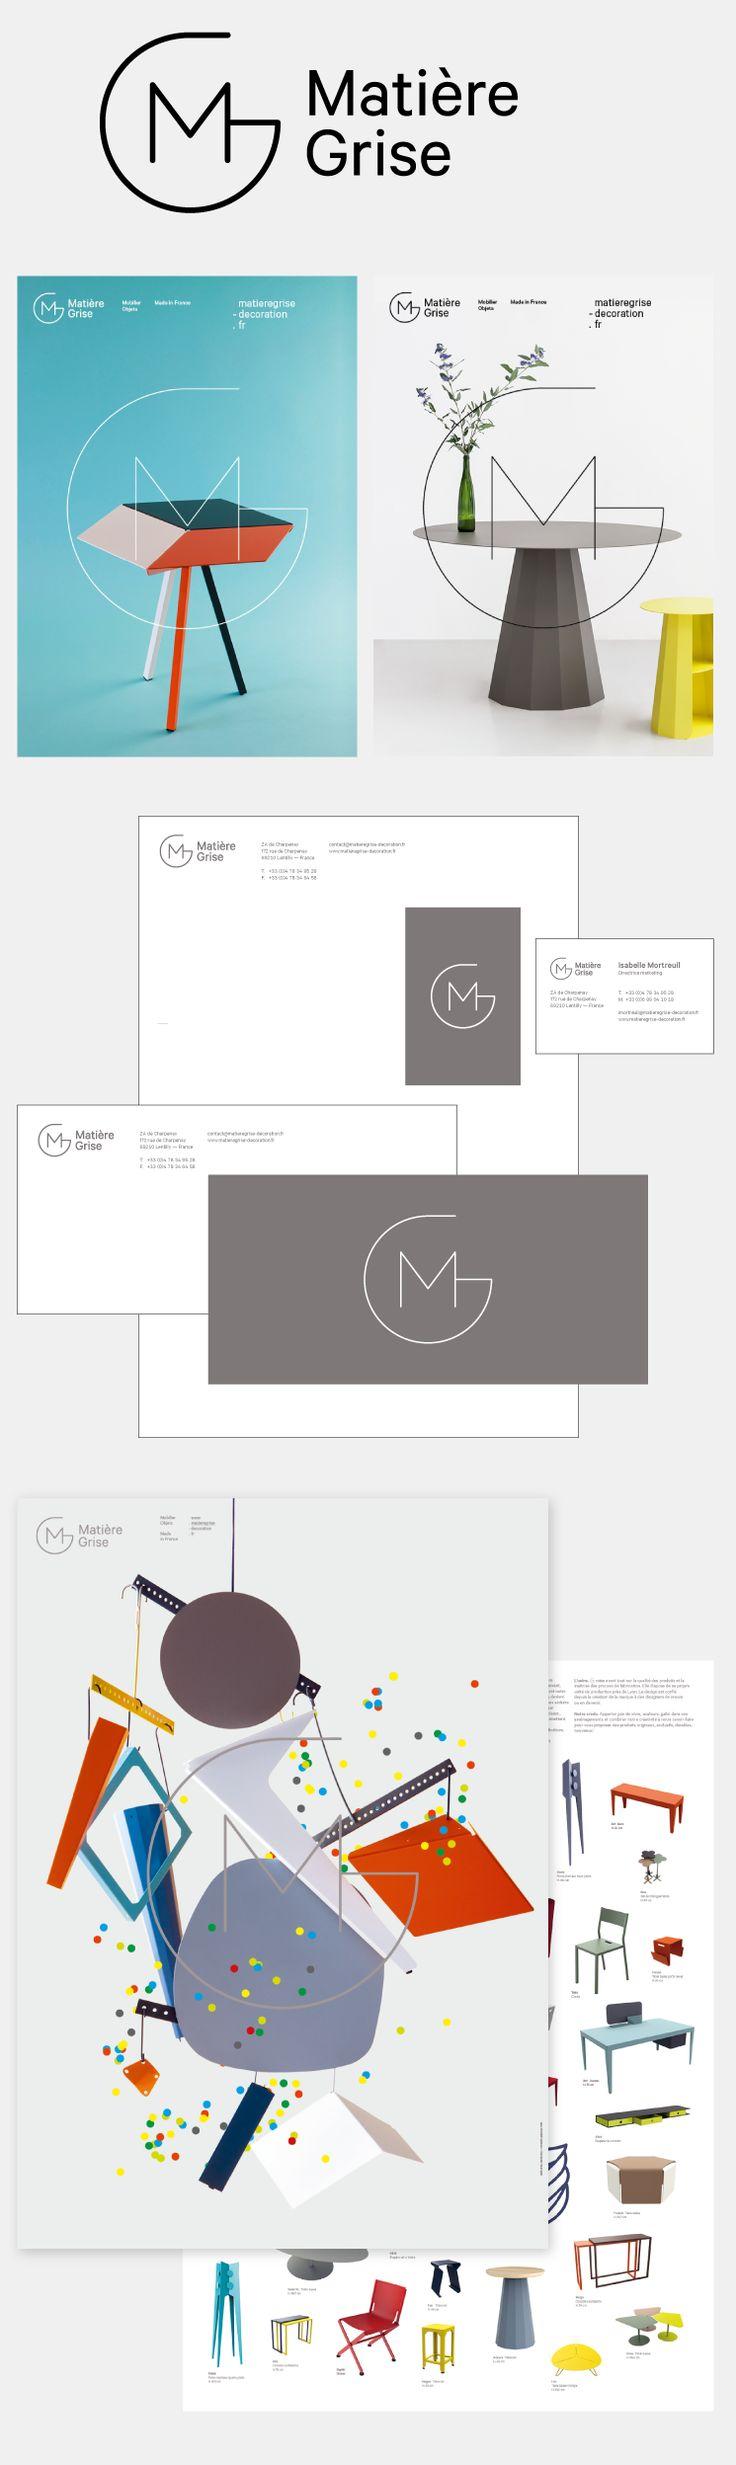 Trafik - design graphique, sites, multimédia, espace, installation